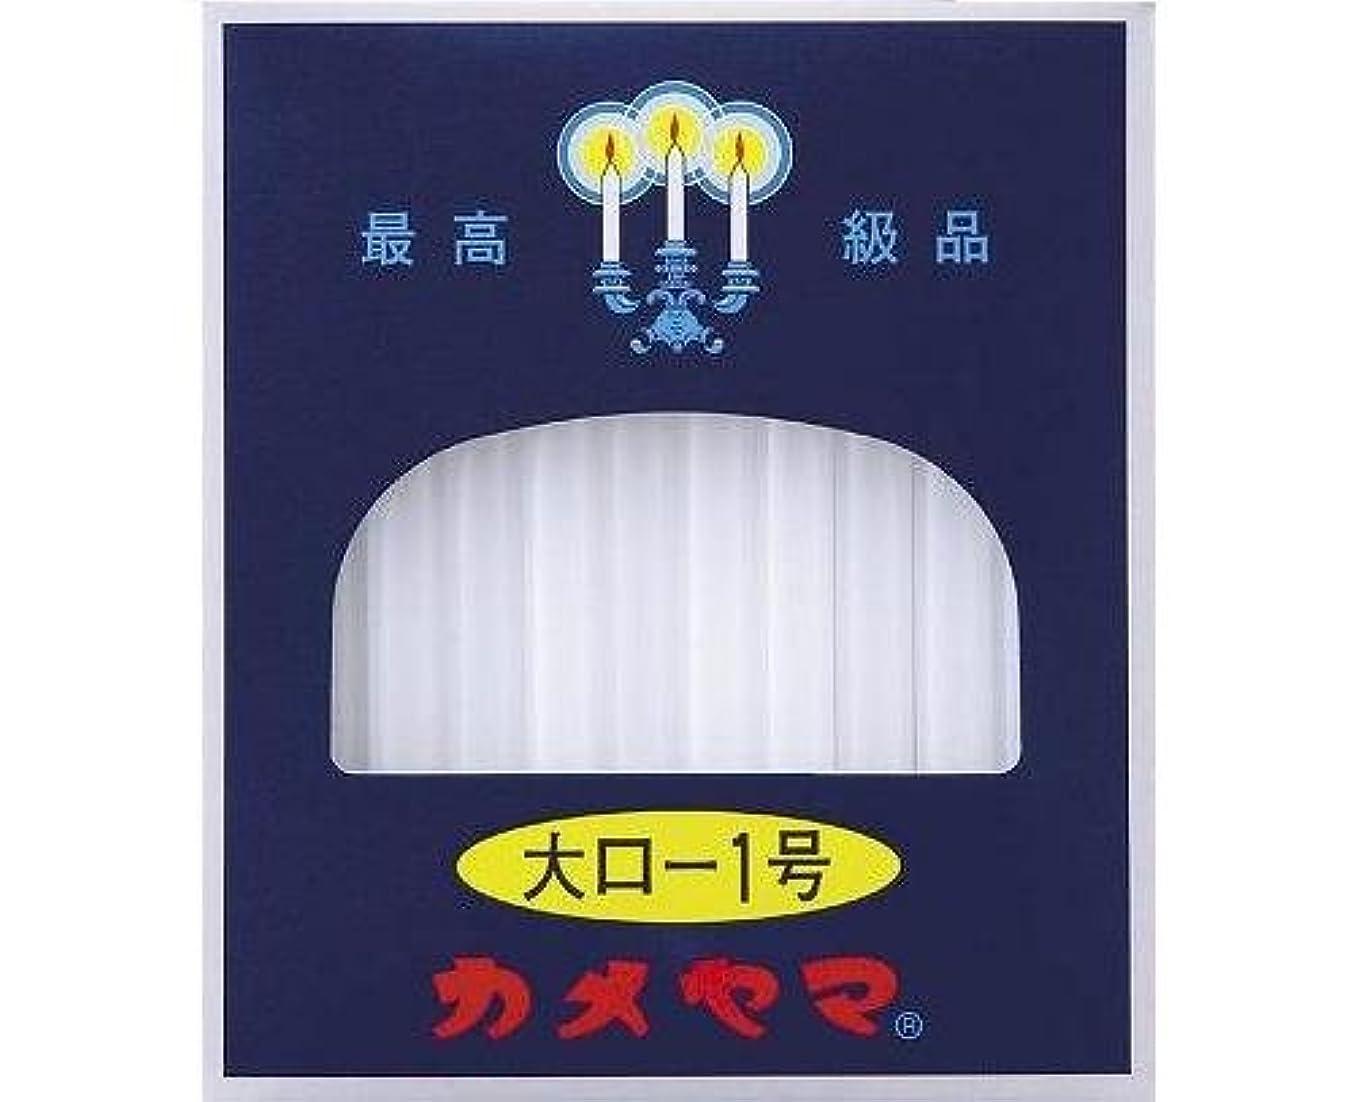 アダルト器具指大ロ-ソク<1号> 225g